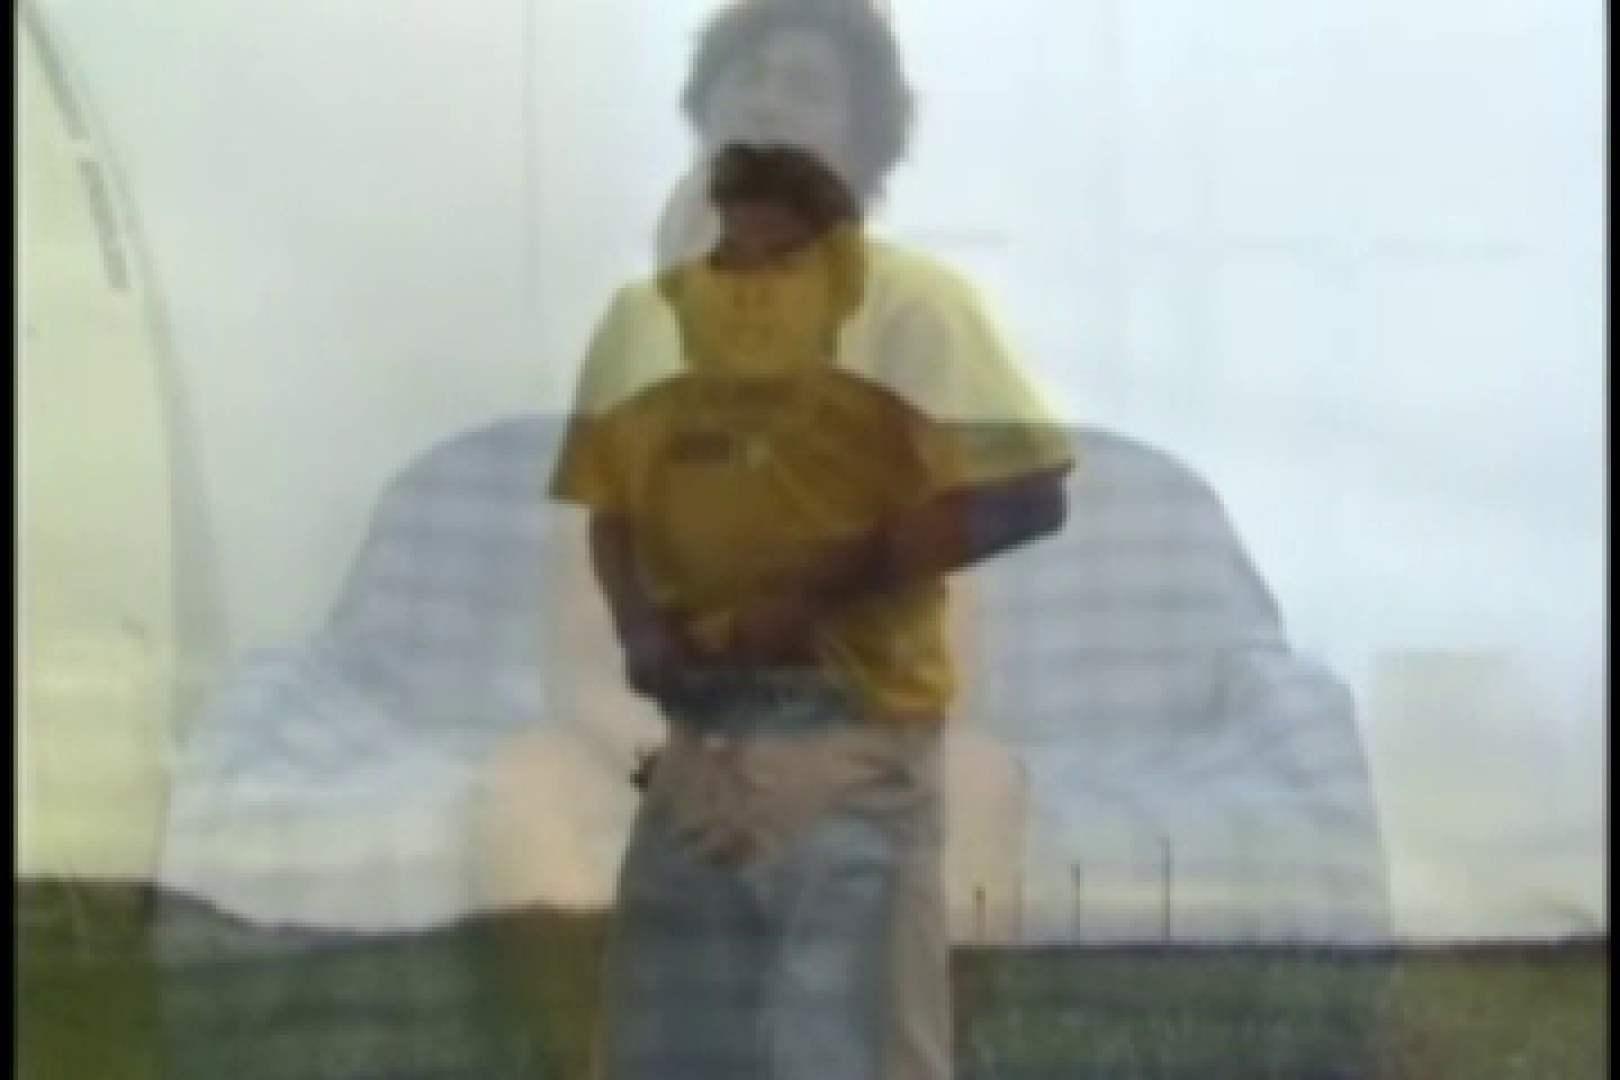 ノンケ!!イケメンサーファーのお試し初体験 野外露出 ゲイ素人エロ画像 101枚 4